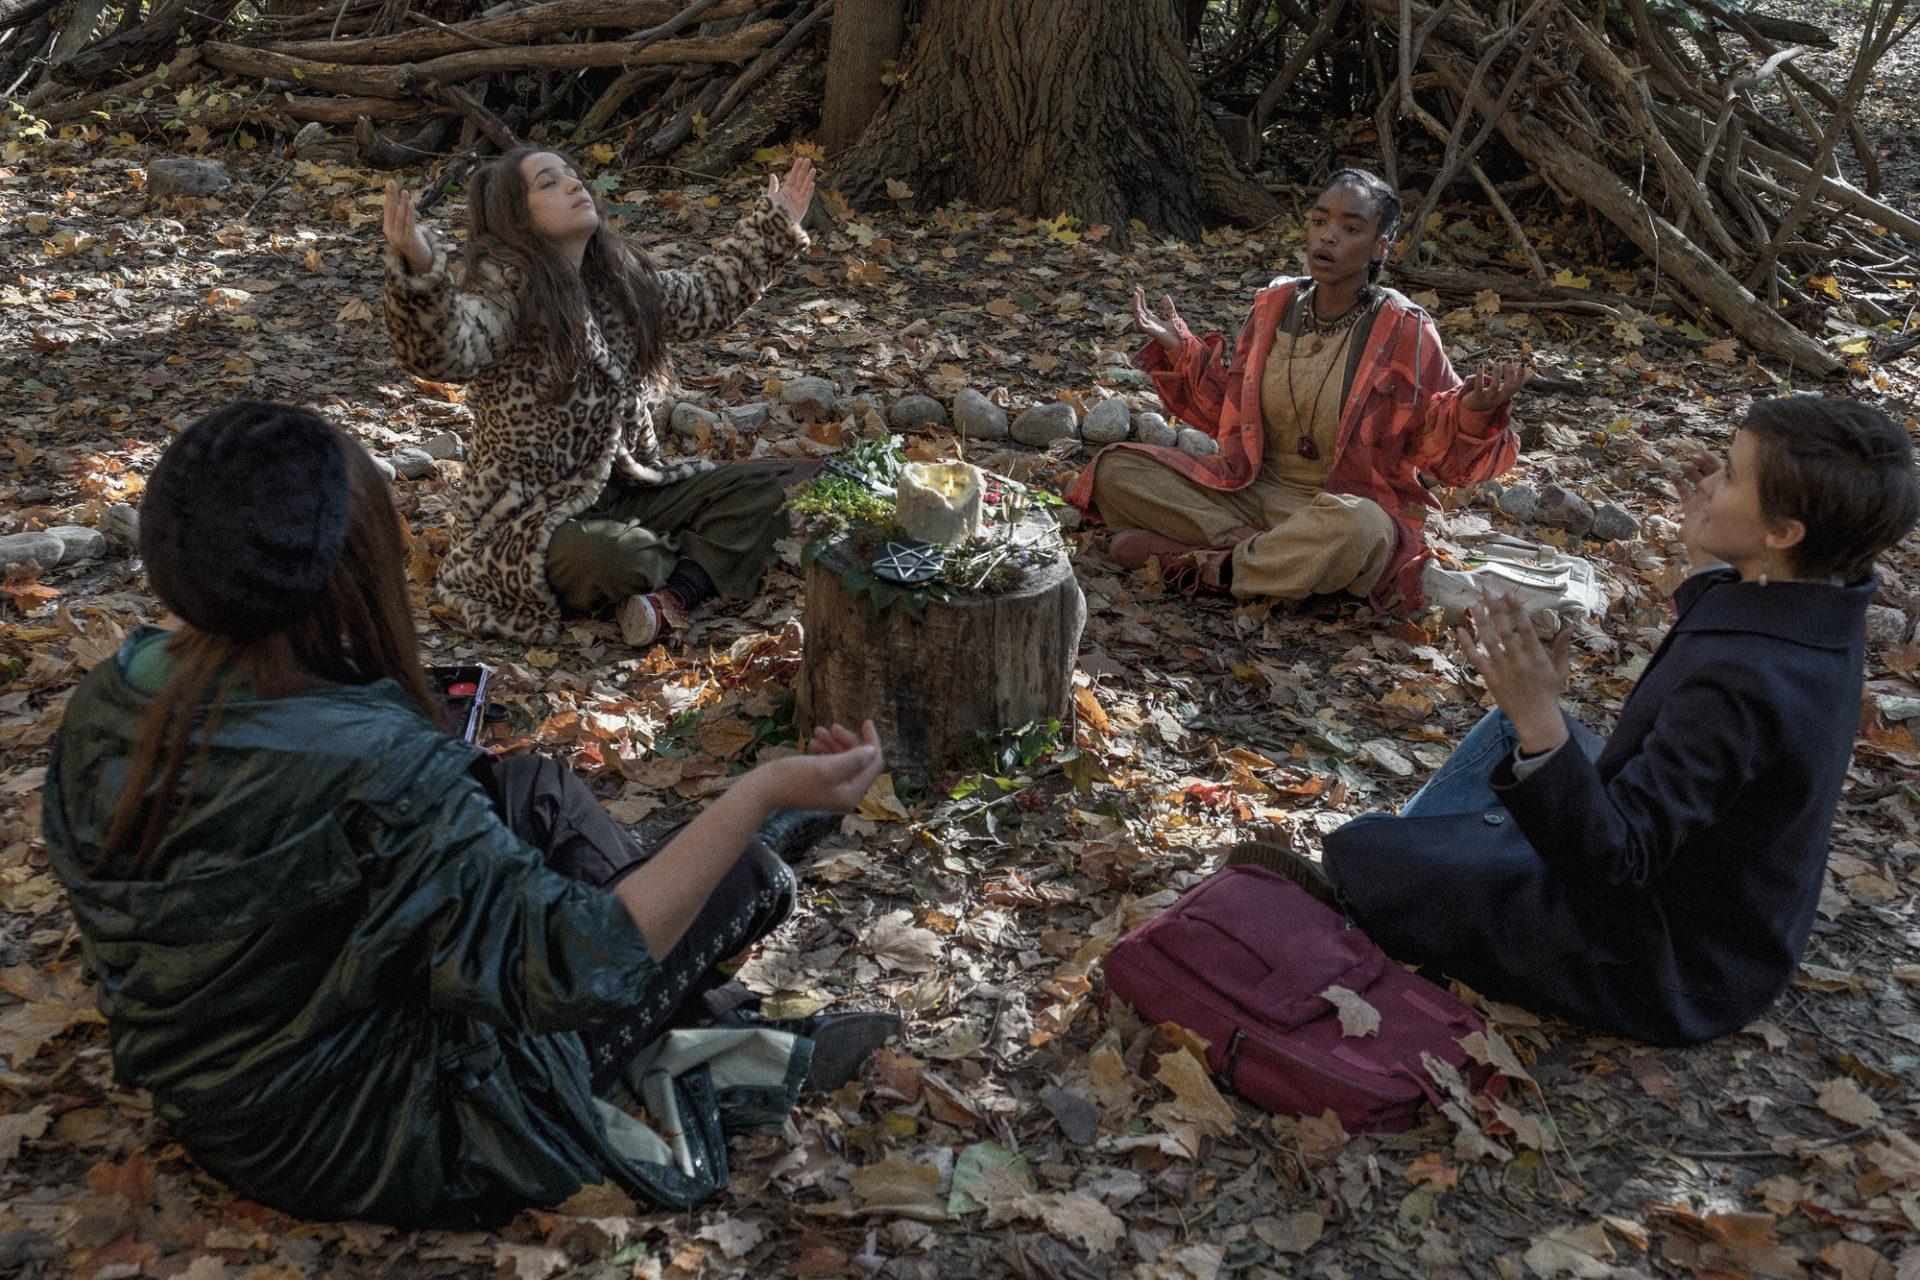 恐怖片招牌布倫屋全新驚悚力作 今年萬聖唯一好萊塢恐怖新片《入魔》女巫片場施法避邪